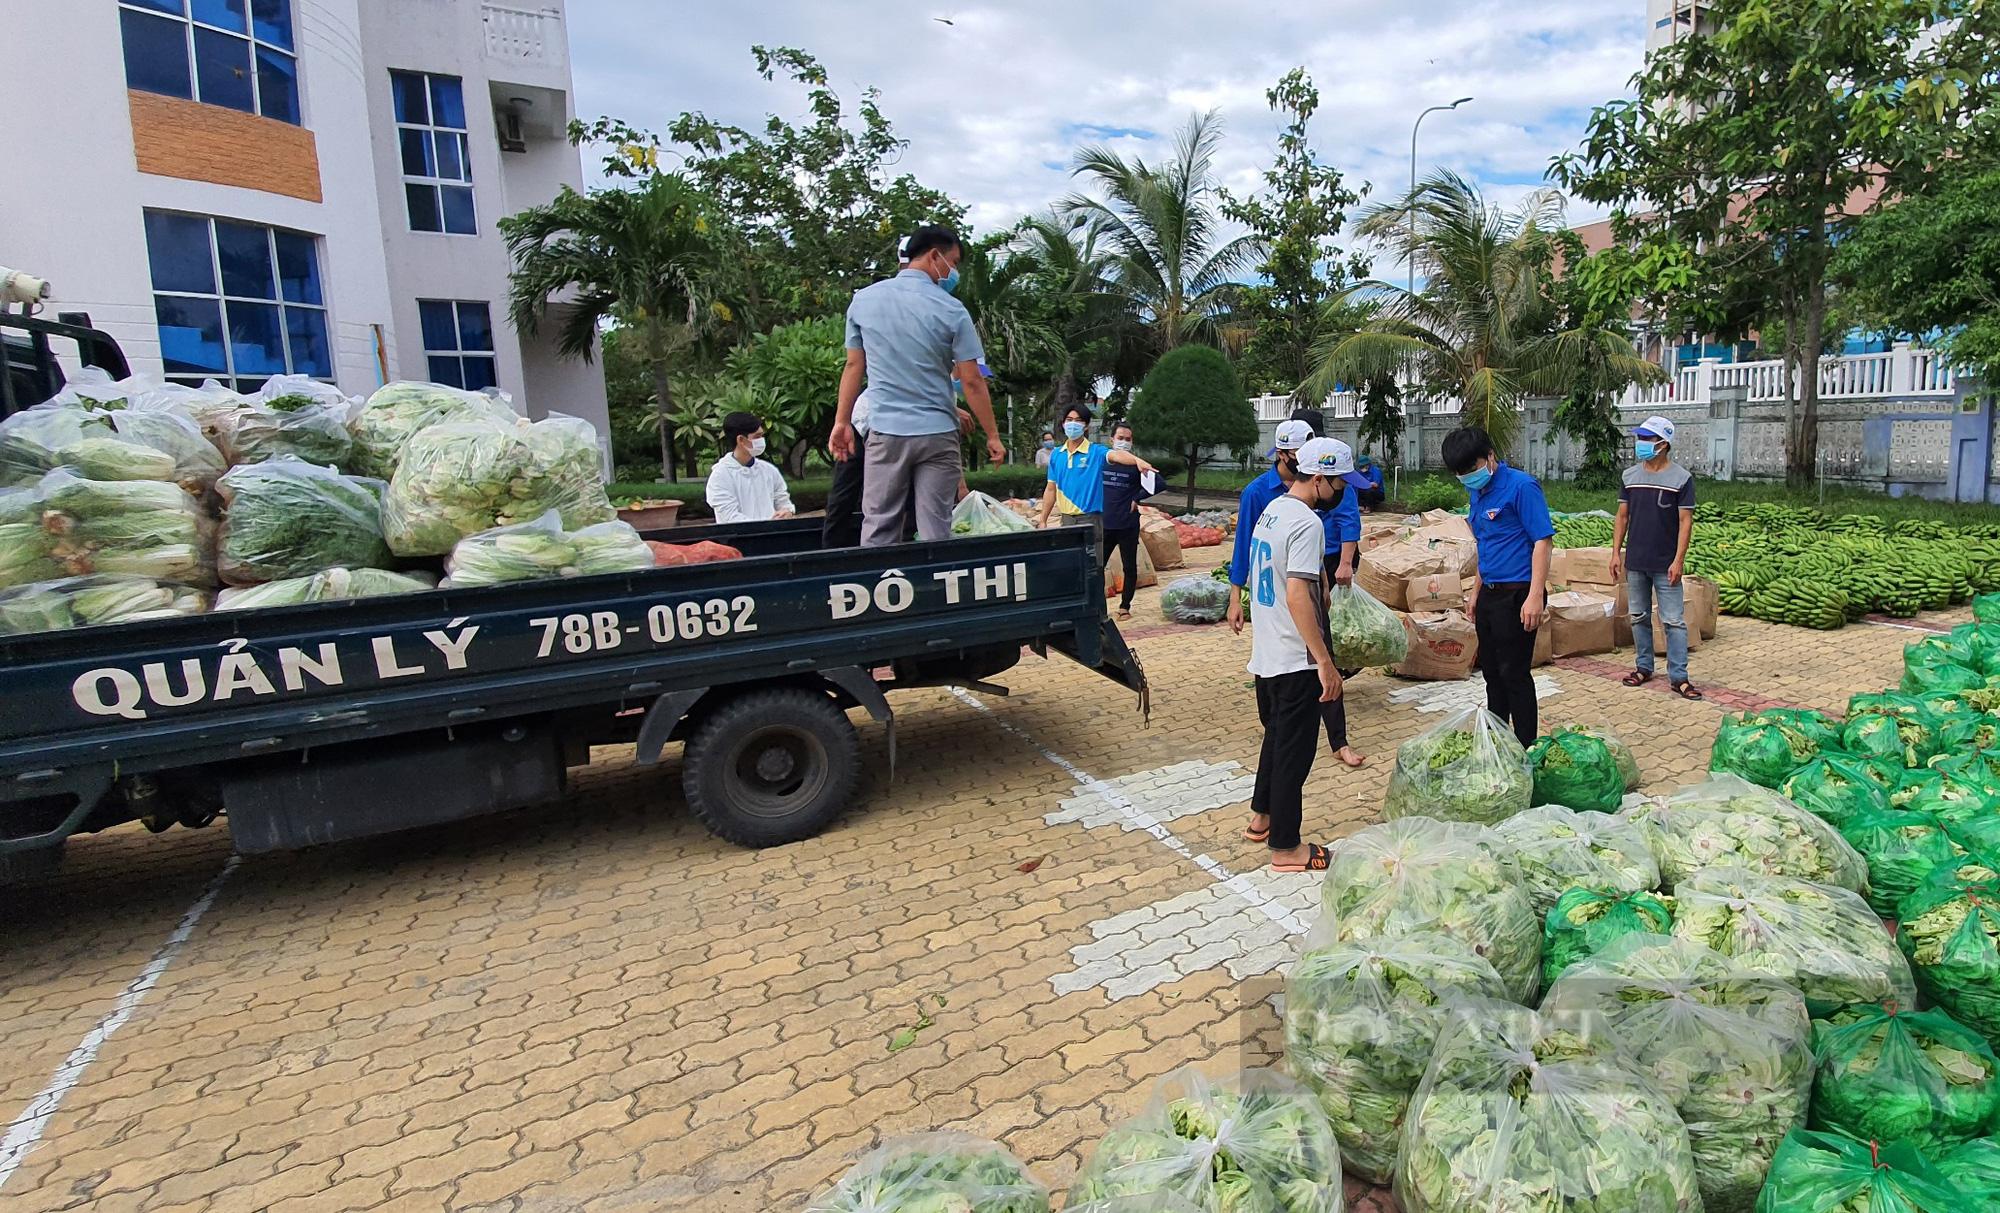 Phú Yên: Tạo thuận lợi cho người vận chuyển hàng hóa trong dịch Covid-19 - Ảnh 1.